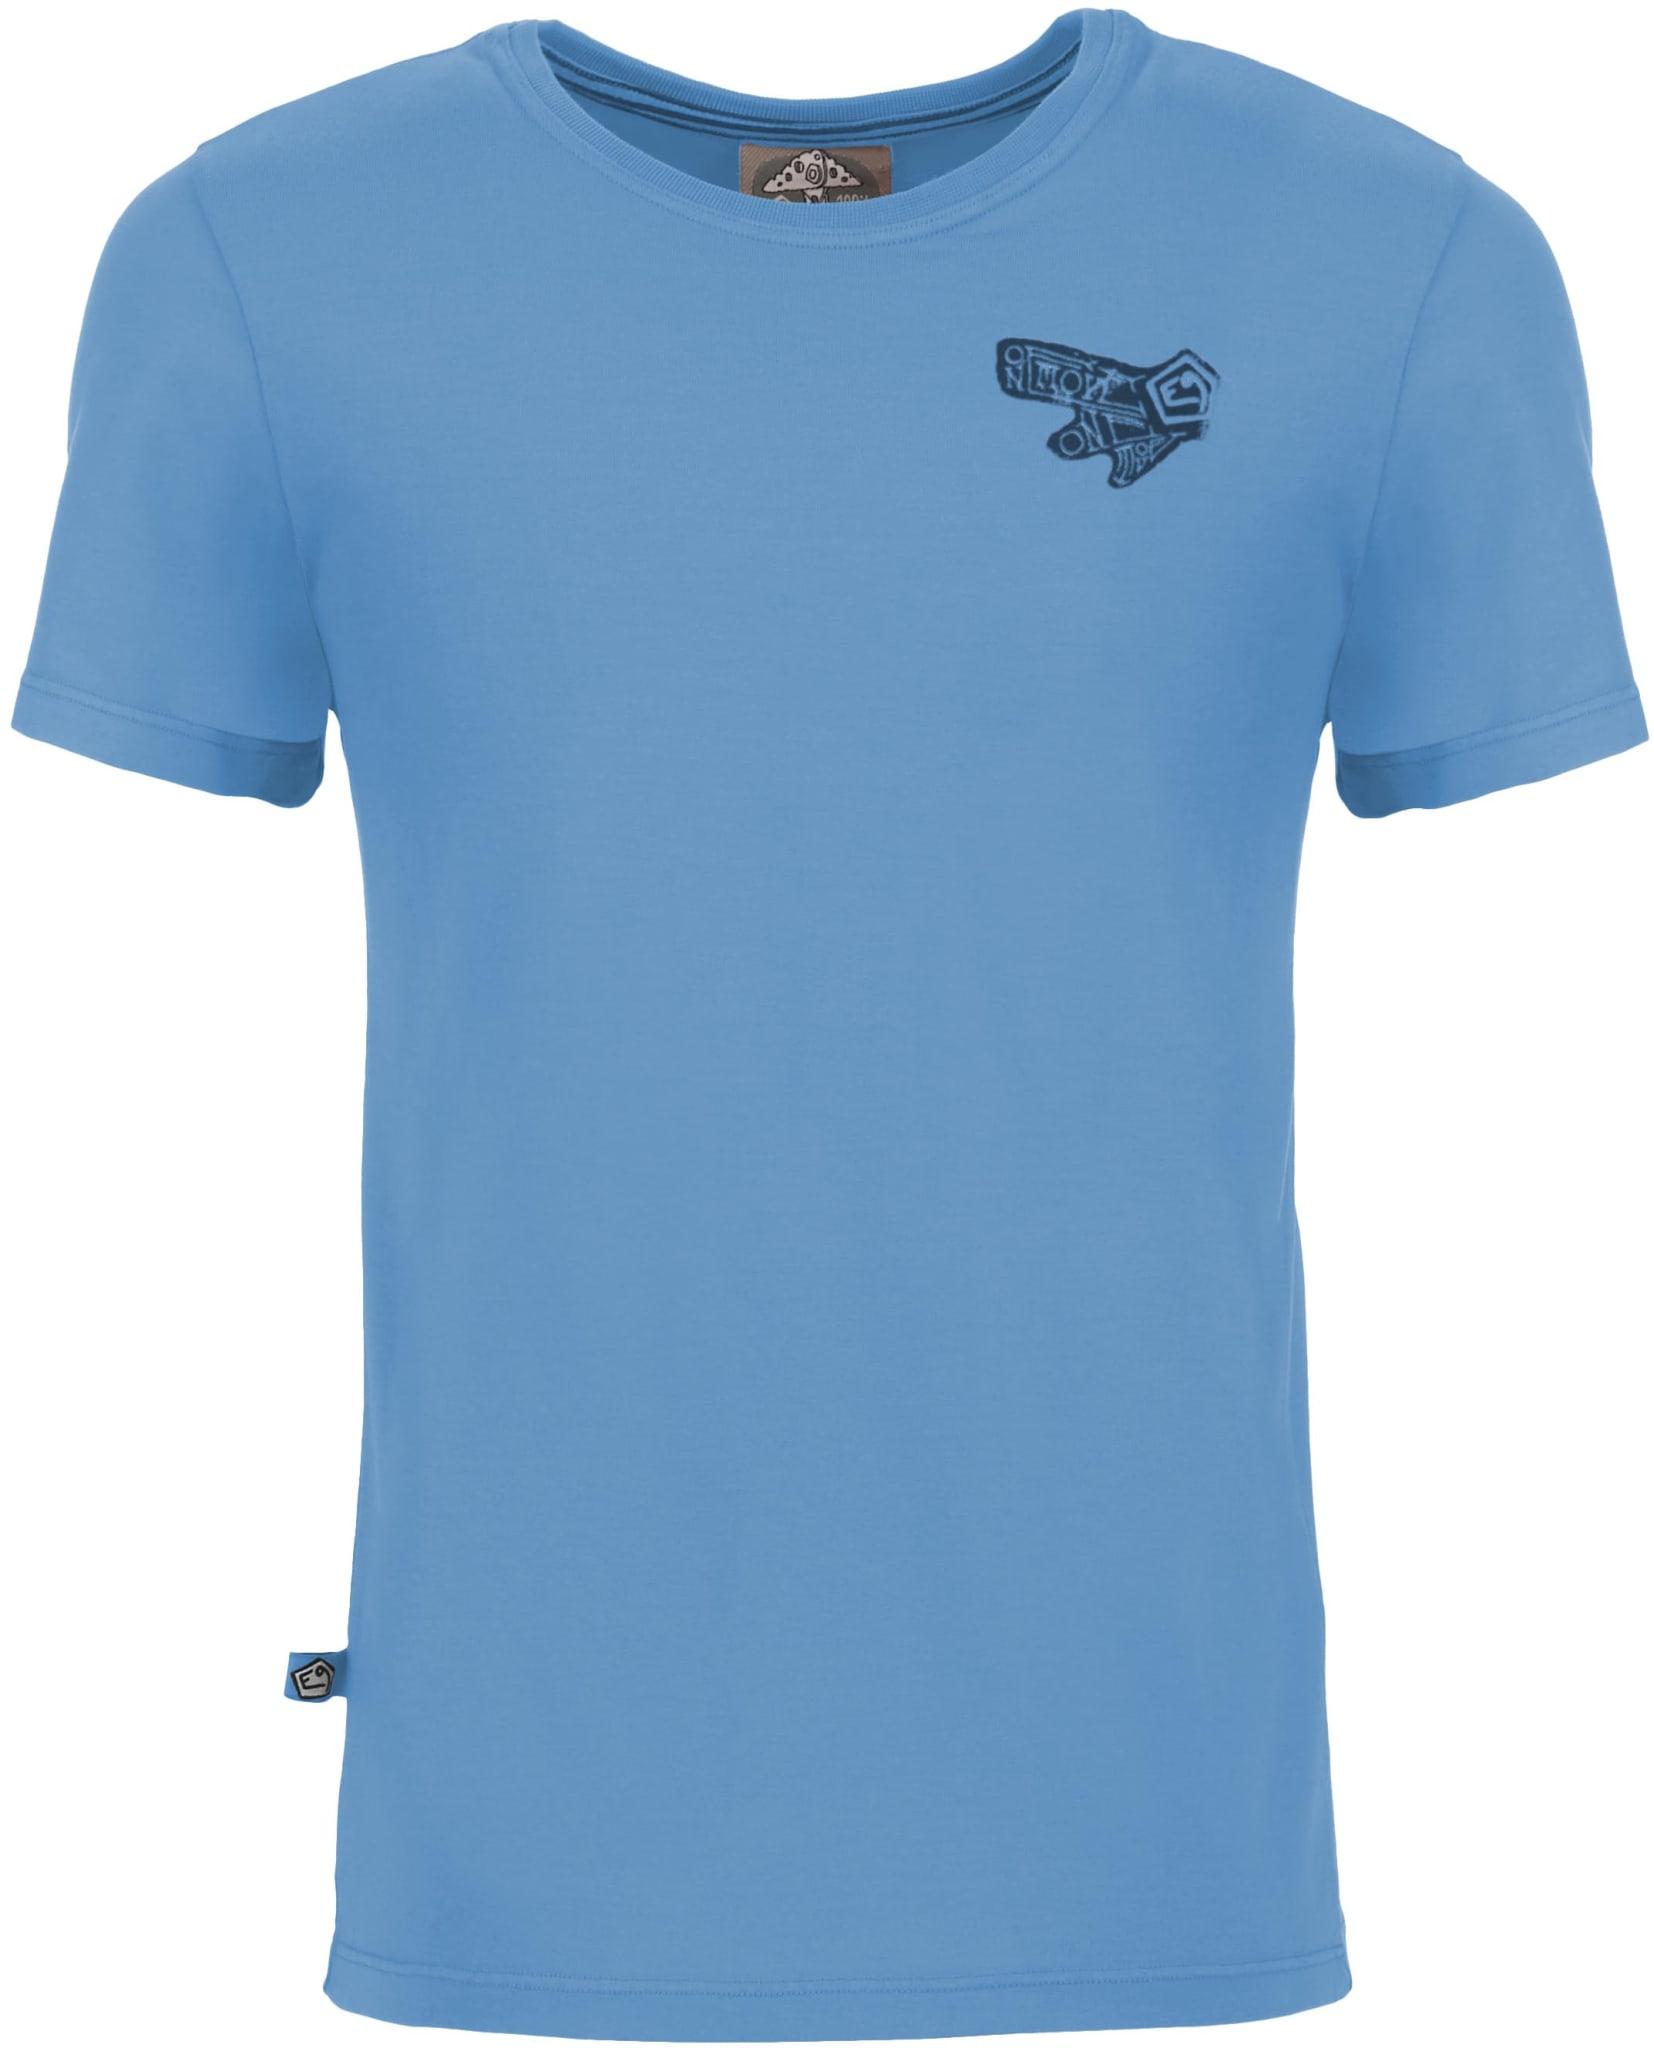 Stilig t-skjorte til barn og unge